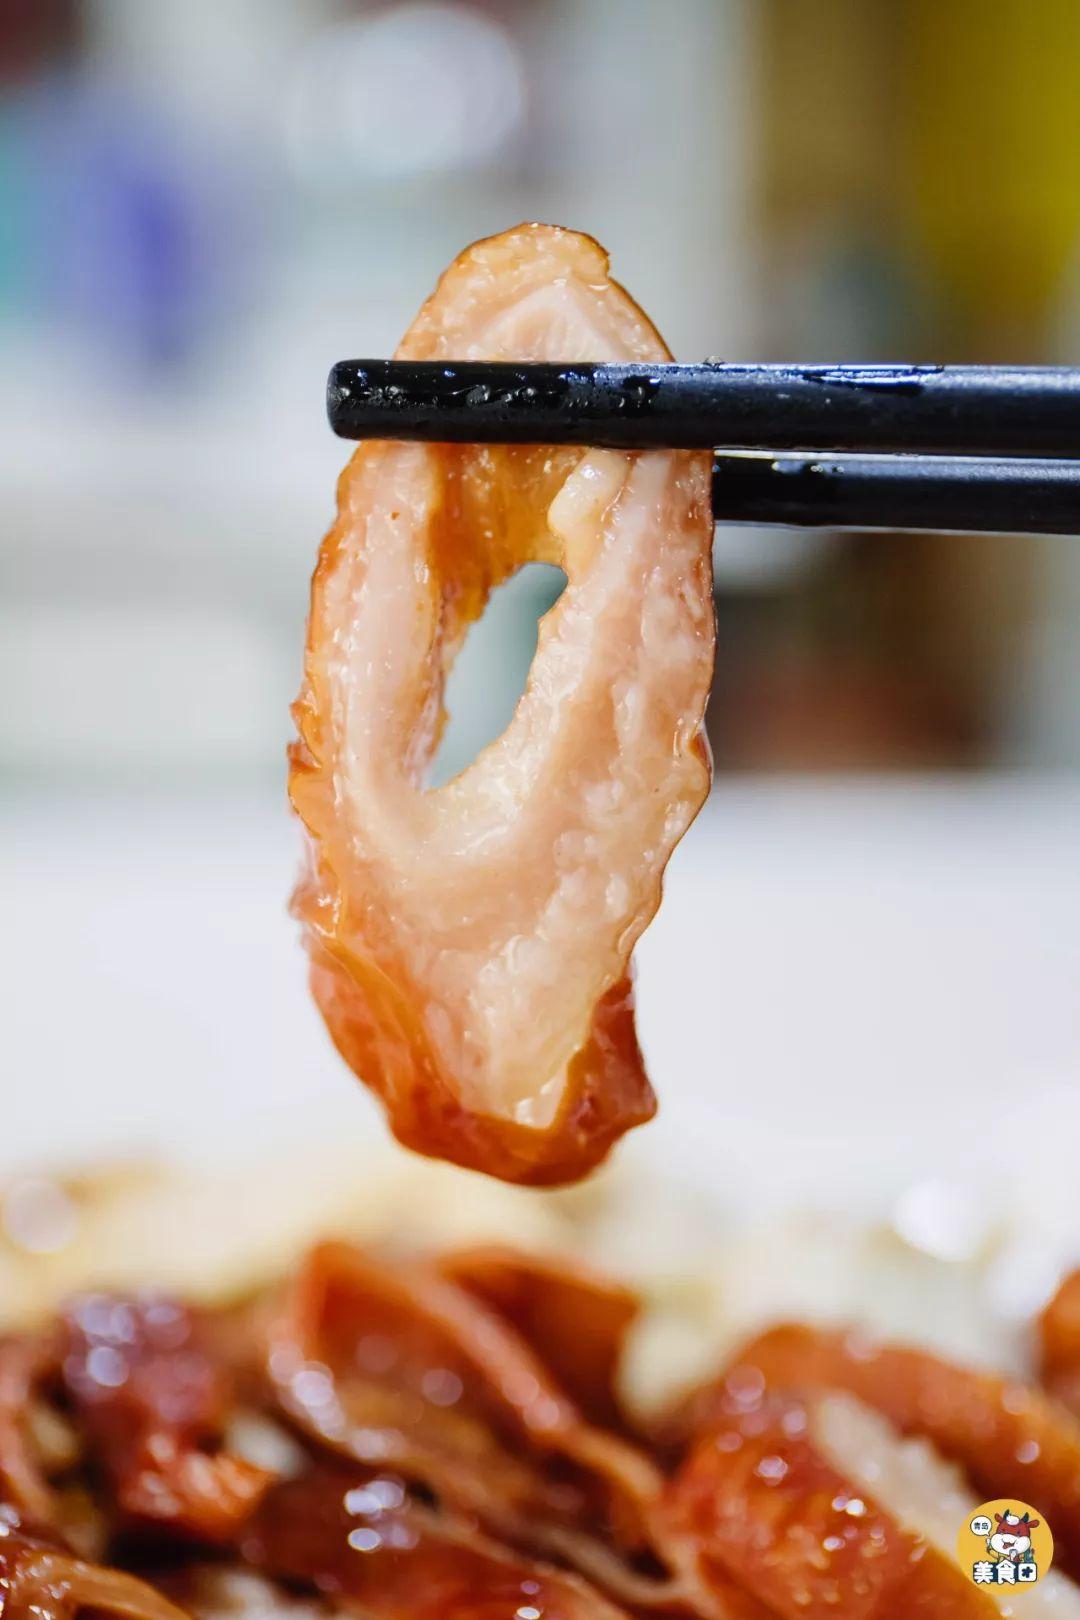 少妇吃了金苍蝇后_2019青岛苍蝇馆子50强榜单 - 青岛新闻网